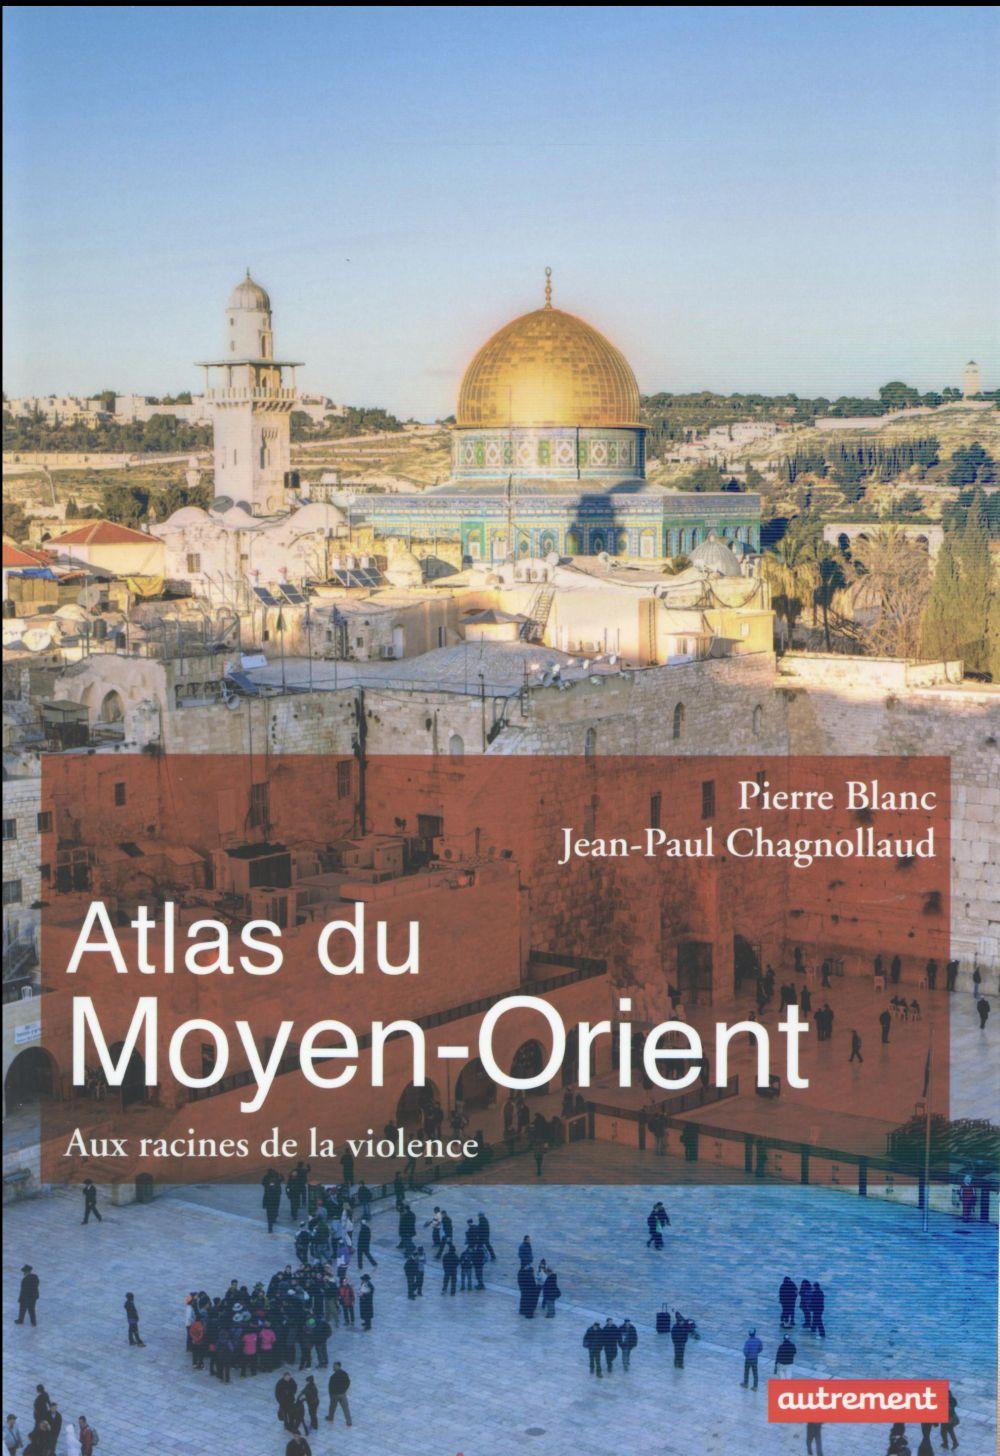 ATLAS DU MOYEN-ORIENT